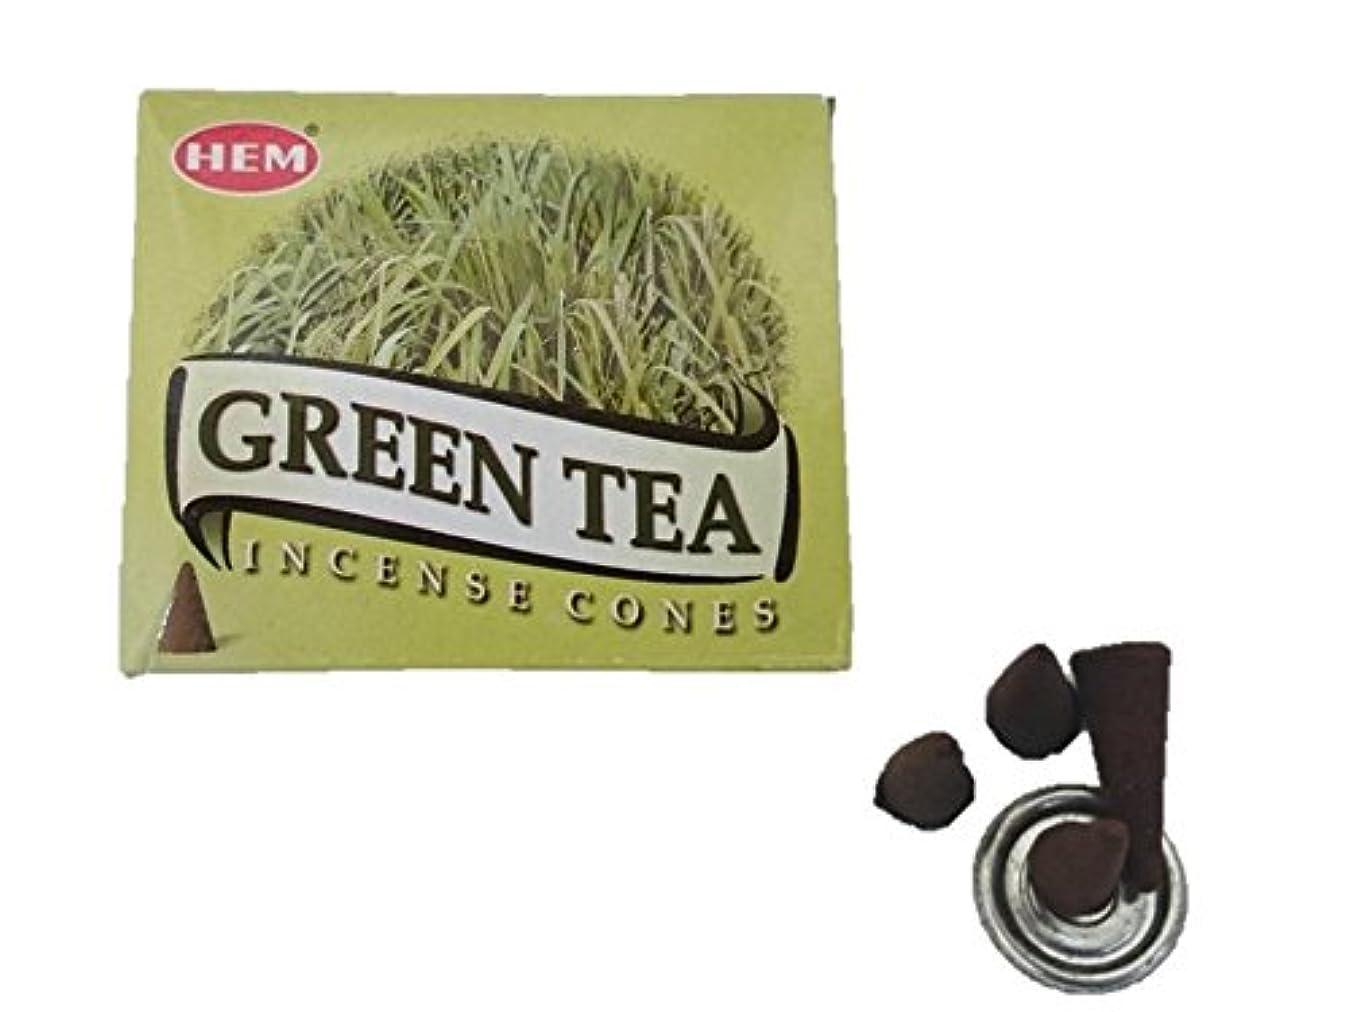 ギャロップ蓮サンドイッチHEM(ヘム)お香コーン グリーンティー コーン 1箱